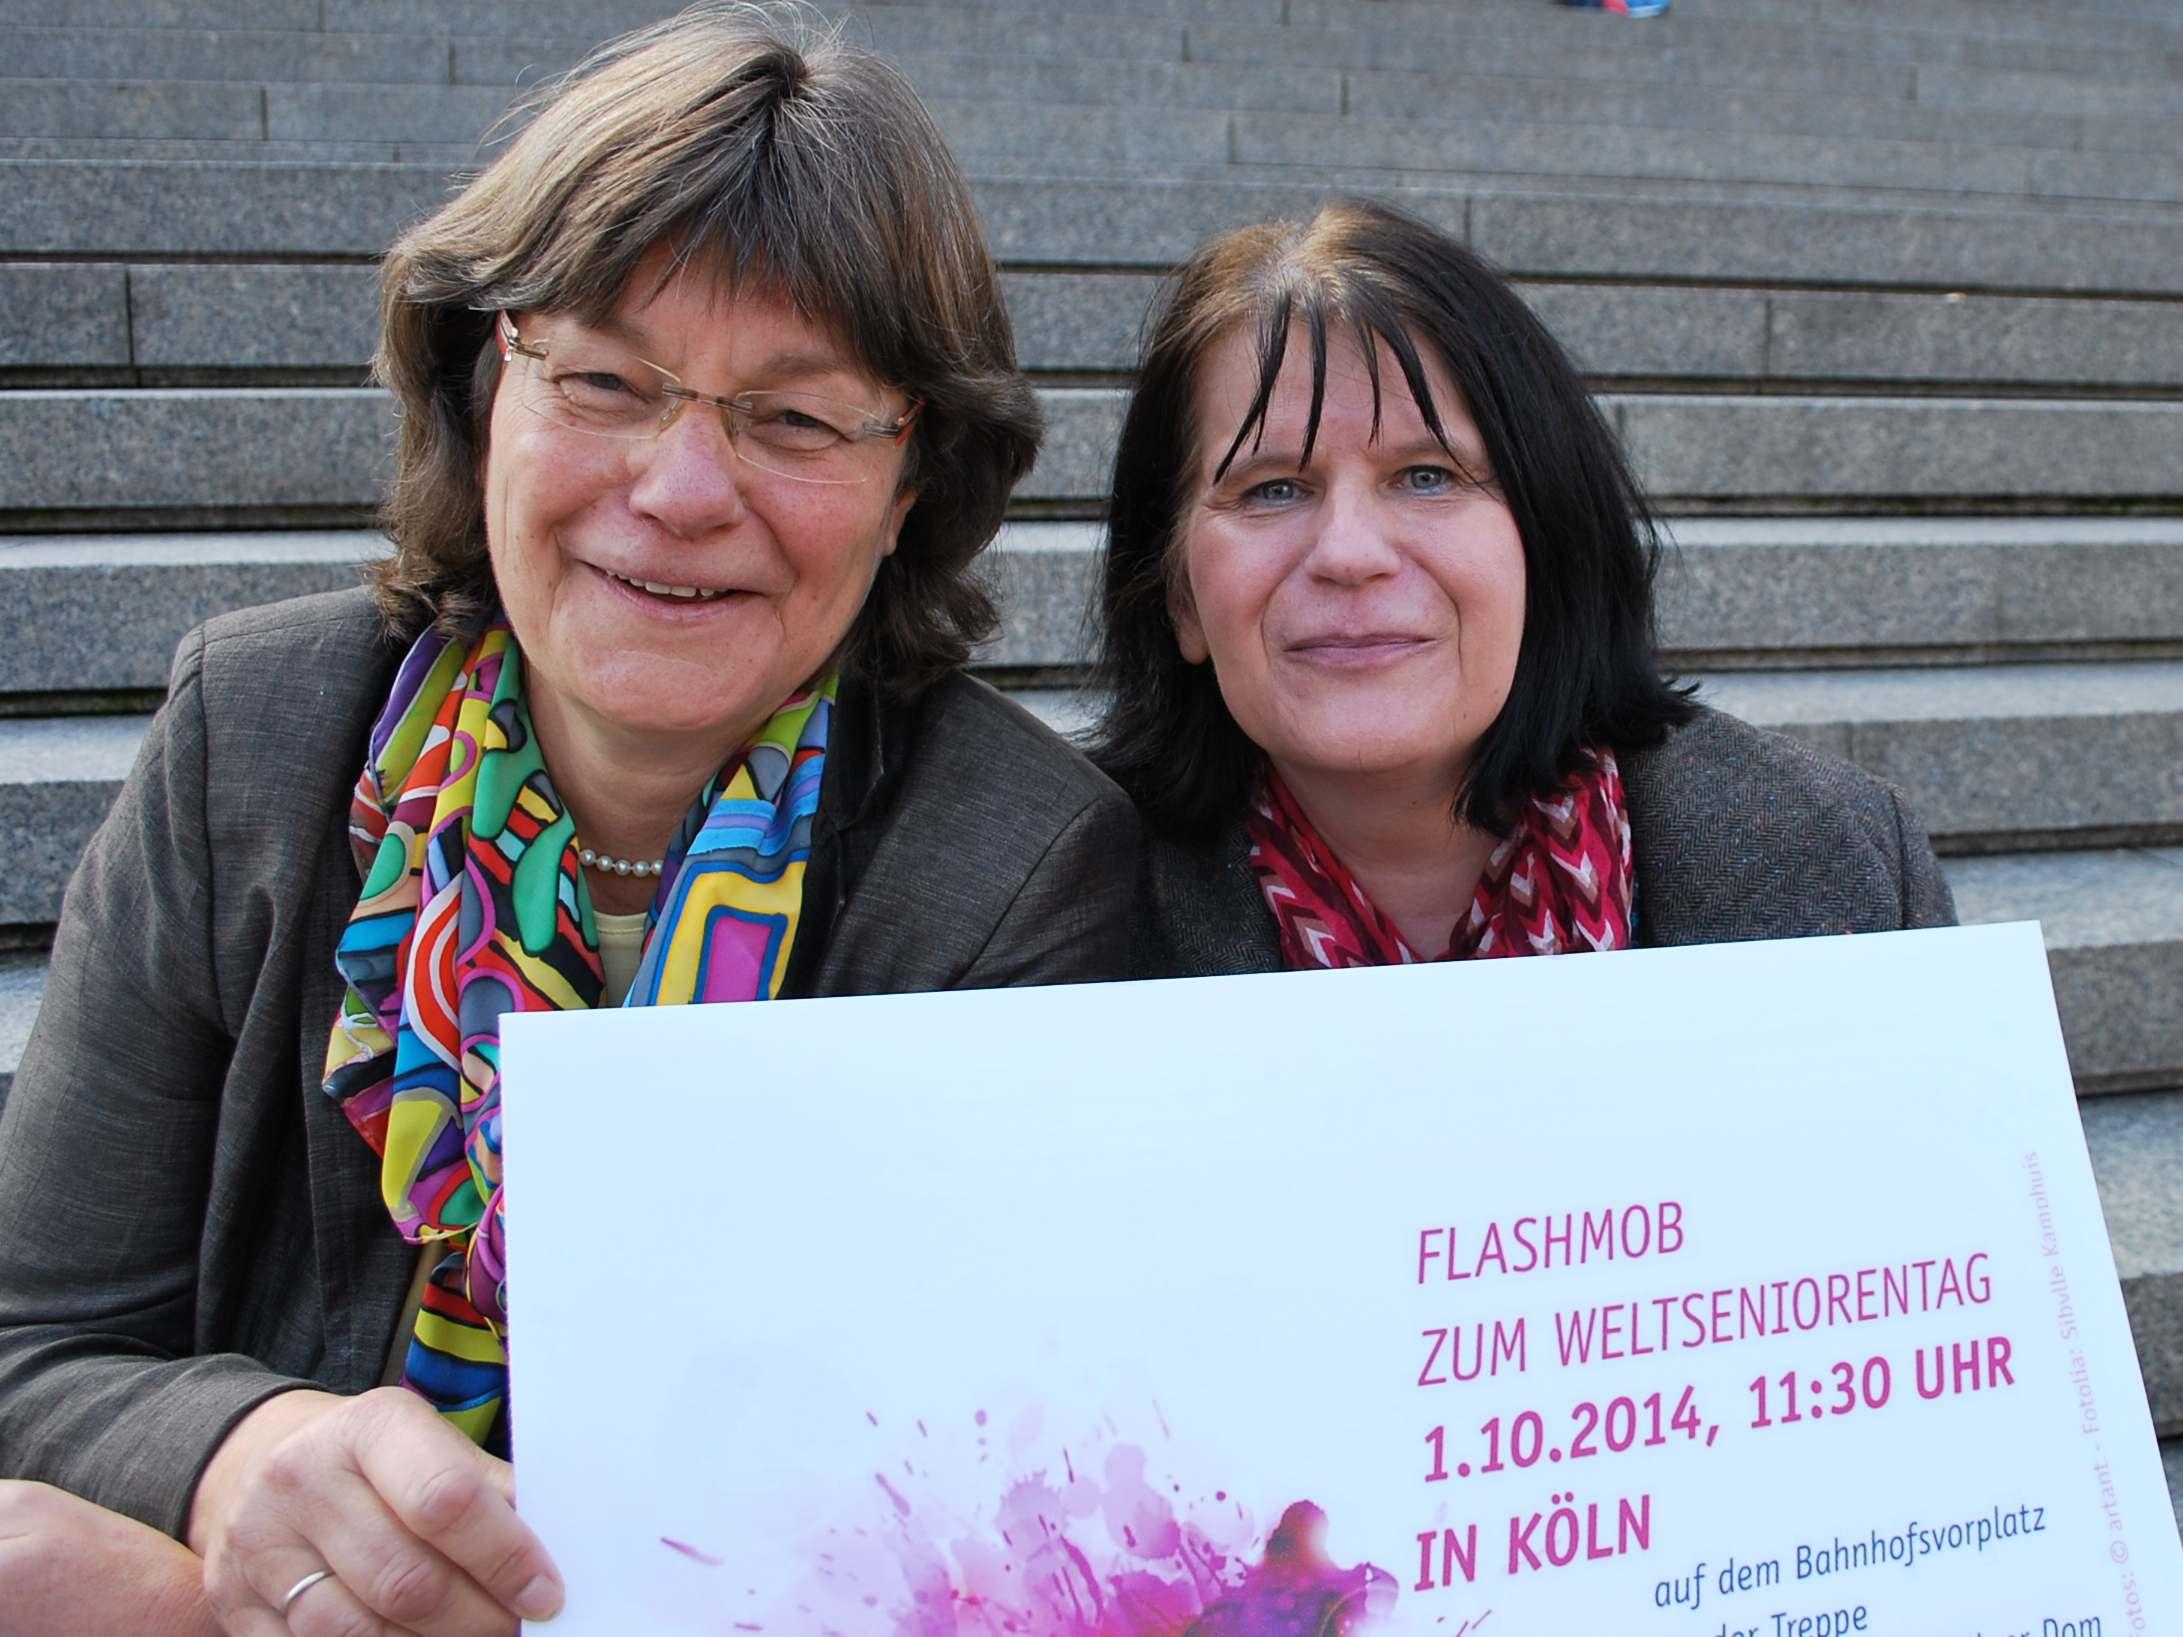 Gabriele Pechel und Ute Aldenhoff von der Altenpastoral des Erzbistums Kölns auf der Domtreppe.